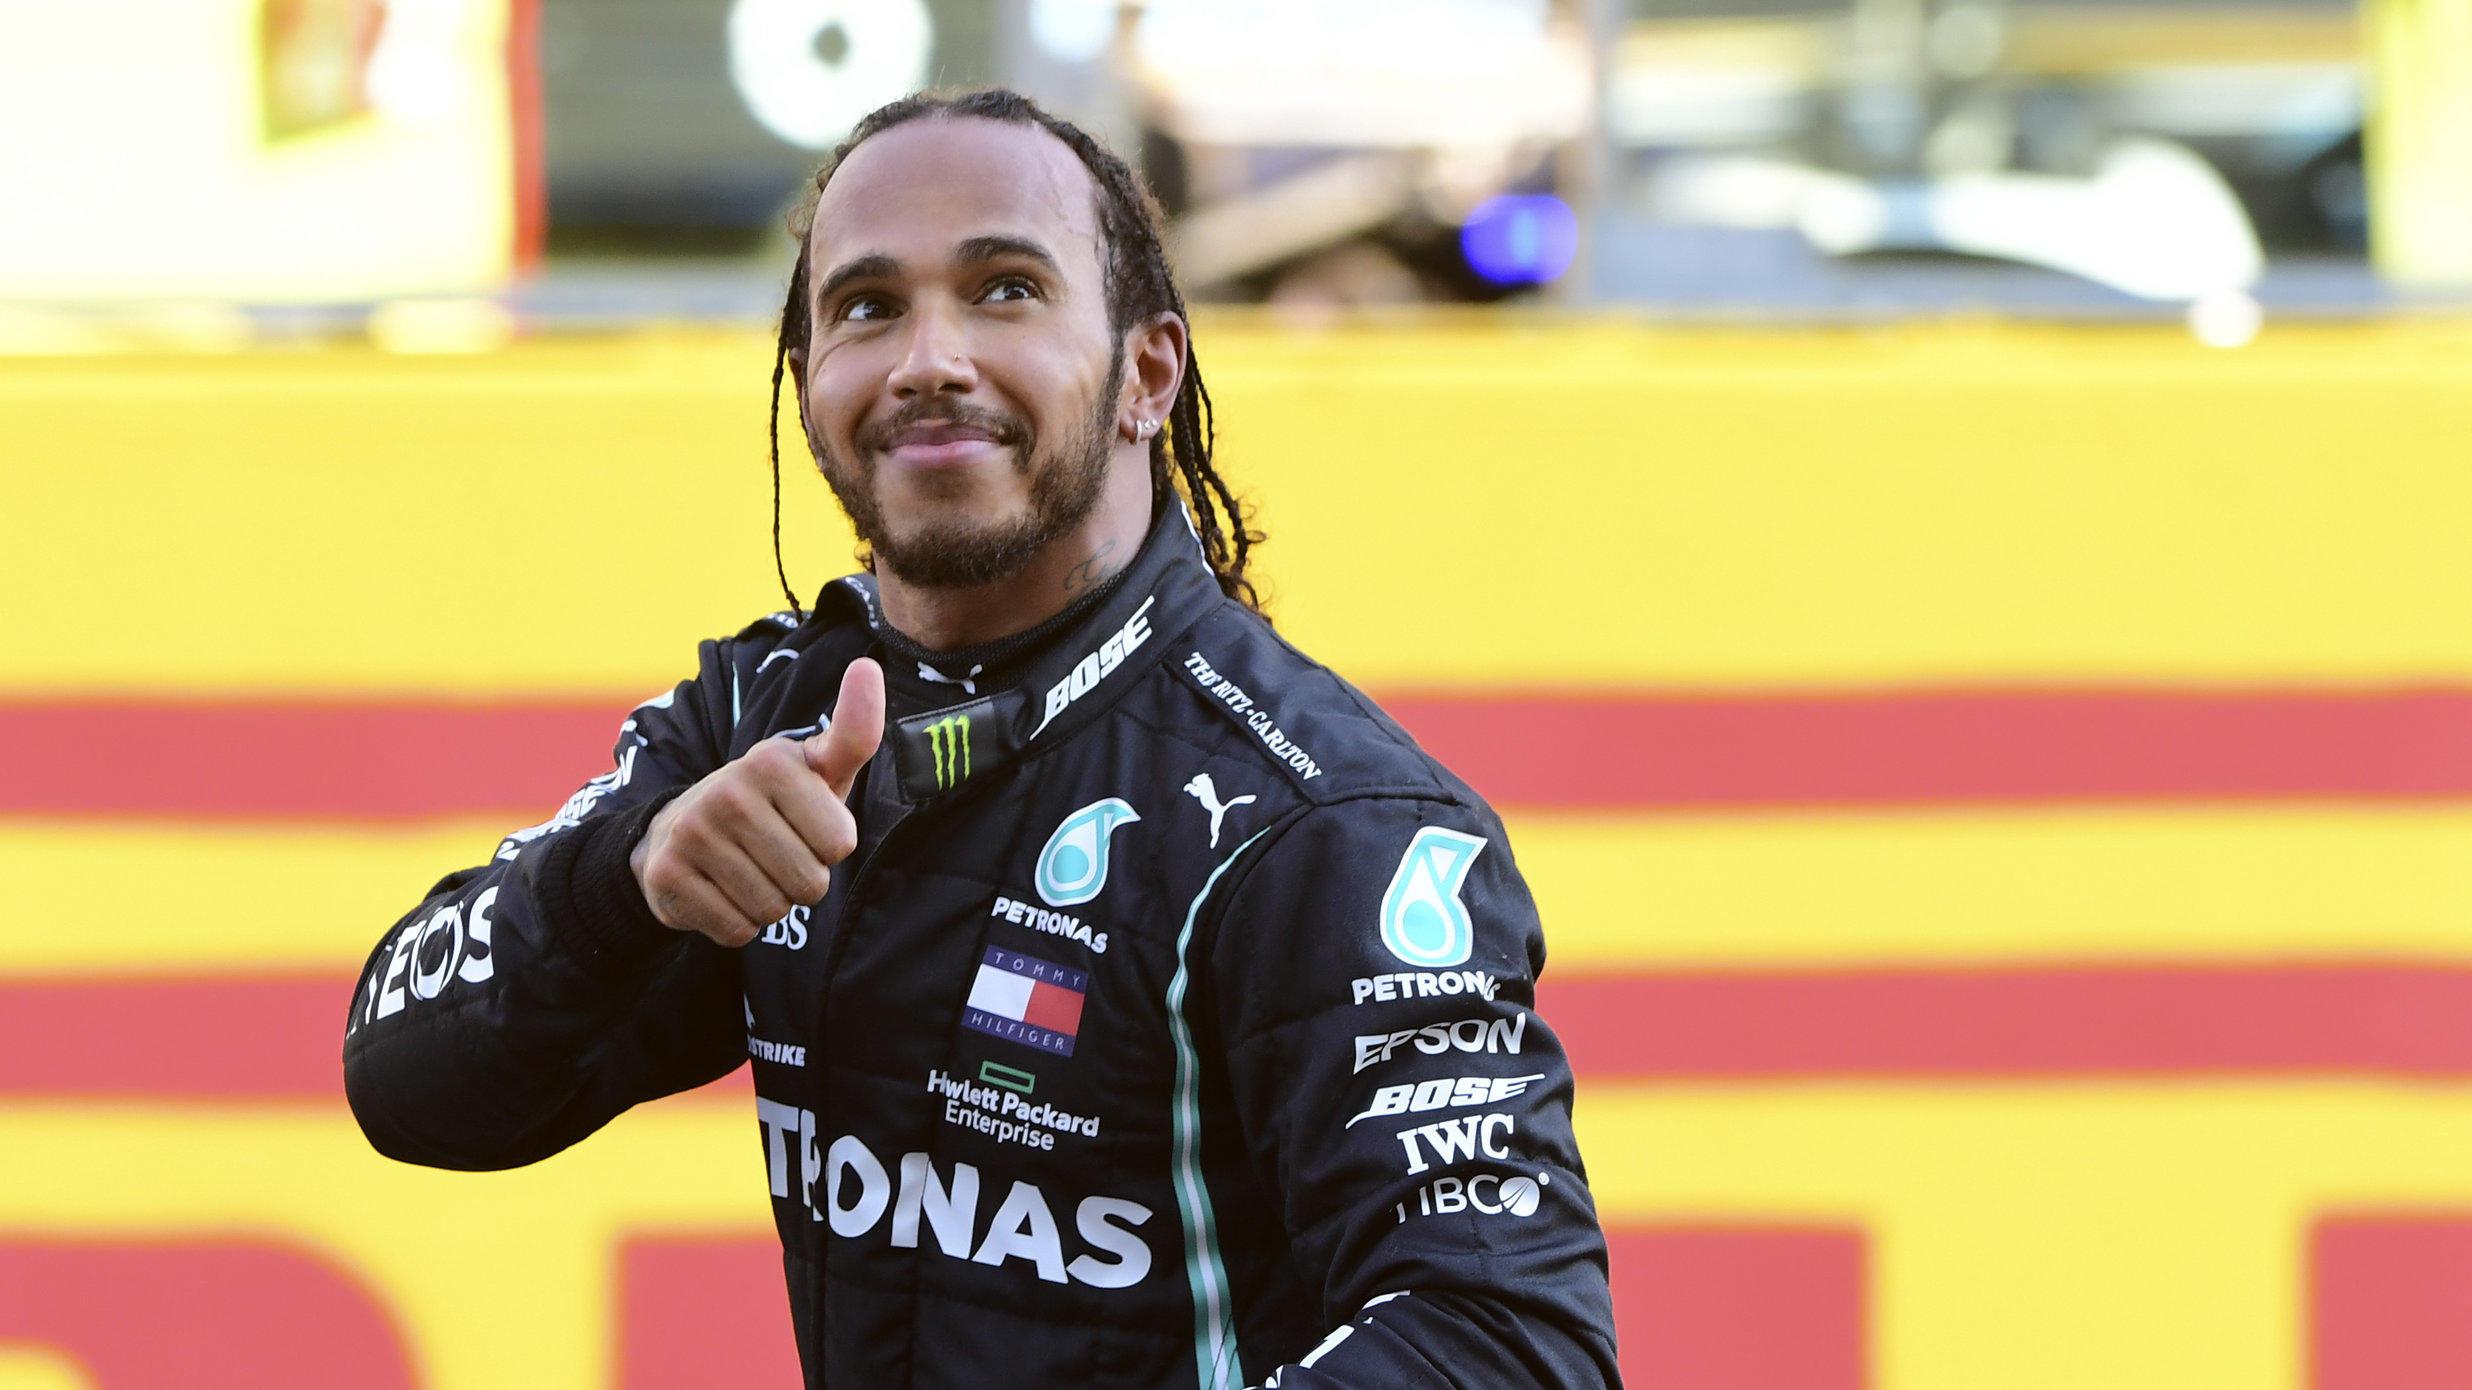 91 Formel-1-Siege: Lewis Hamilton greift in Russland nach dem Schumacher-Rekord